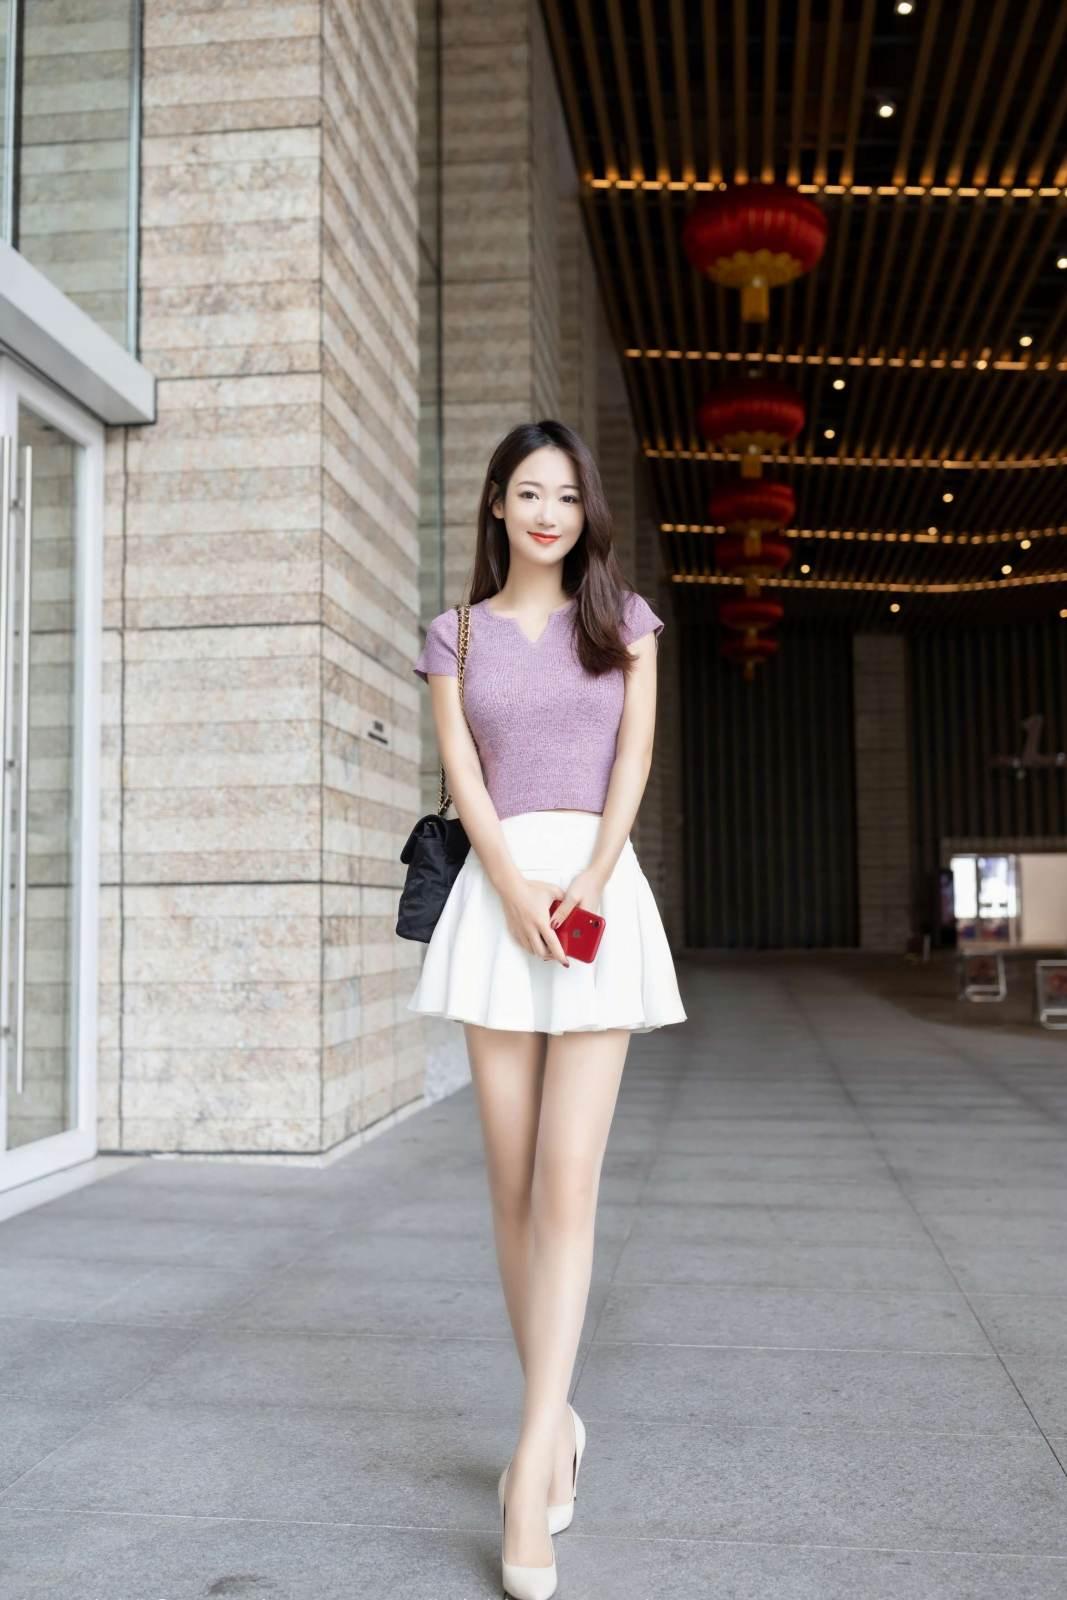 第170期充满活力的妹子唐安琪(jk裙,露脐装,高跟,肉丝)_图片2